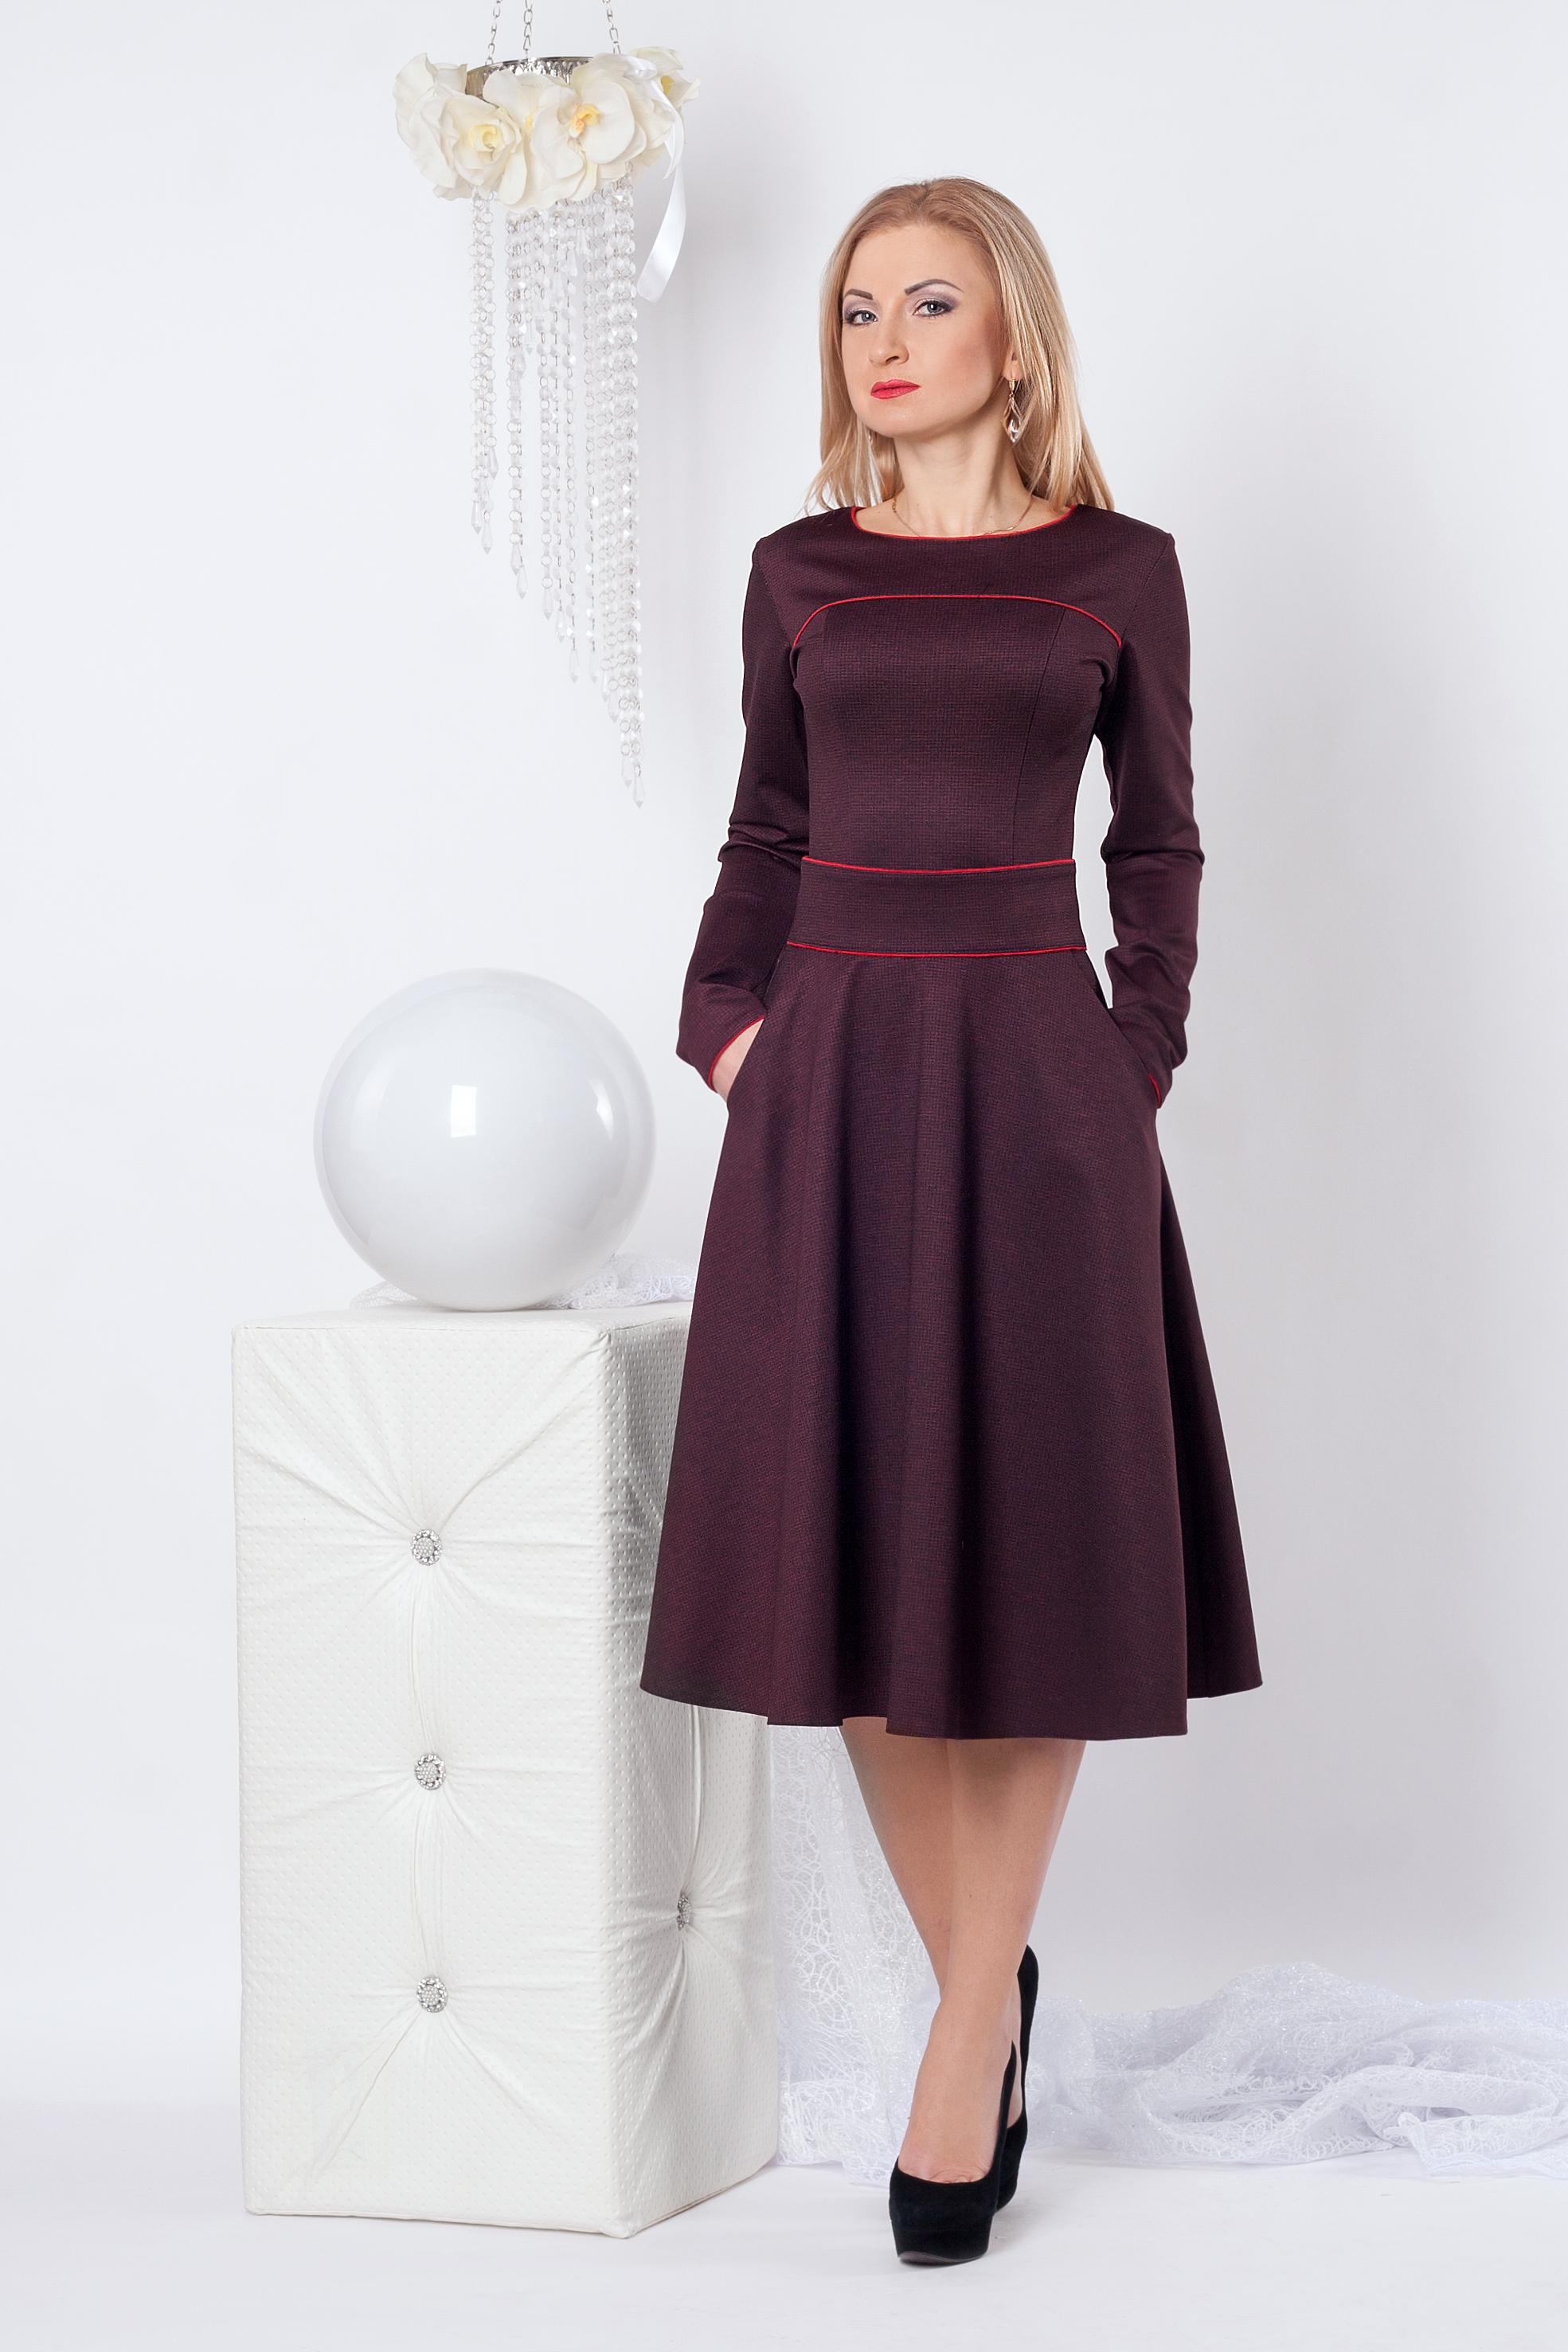 7a5e76124669 Повседневное женское платье 951 - Фотогалерея стильного одягу ...